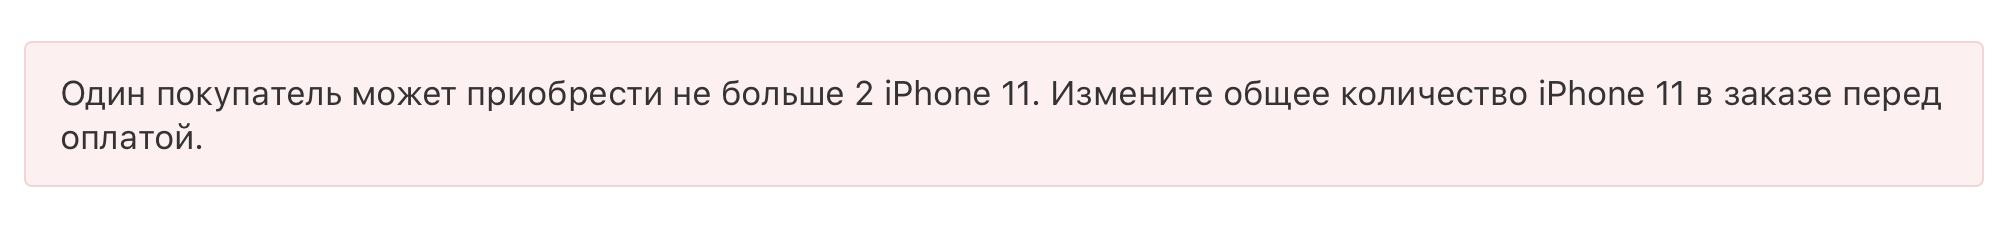 Apple ограничила продажи iPhone - не больше двух в одни руки. Мы проверили: да, и в России тоже